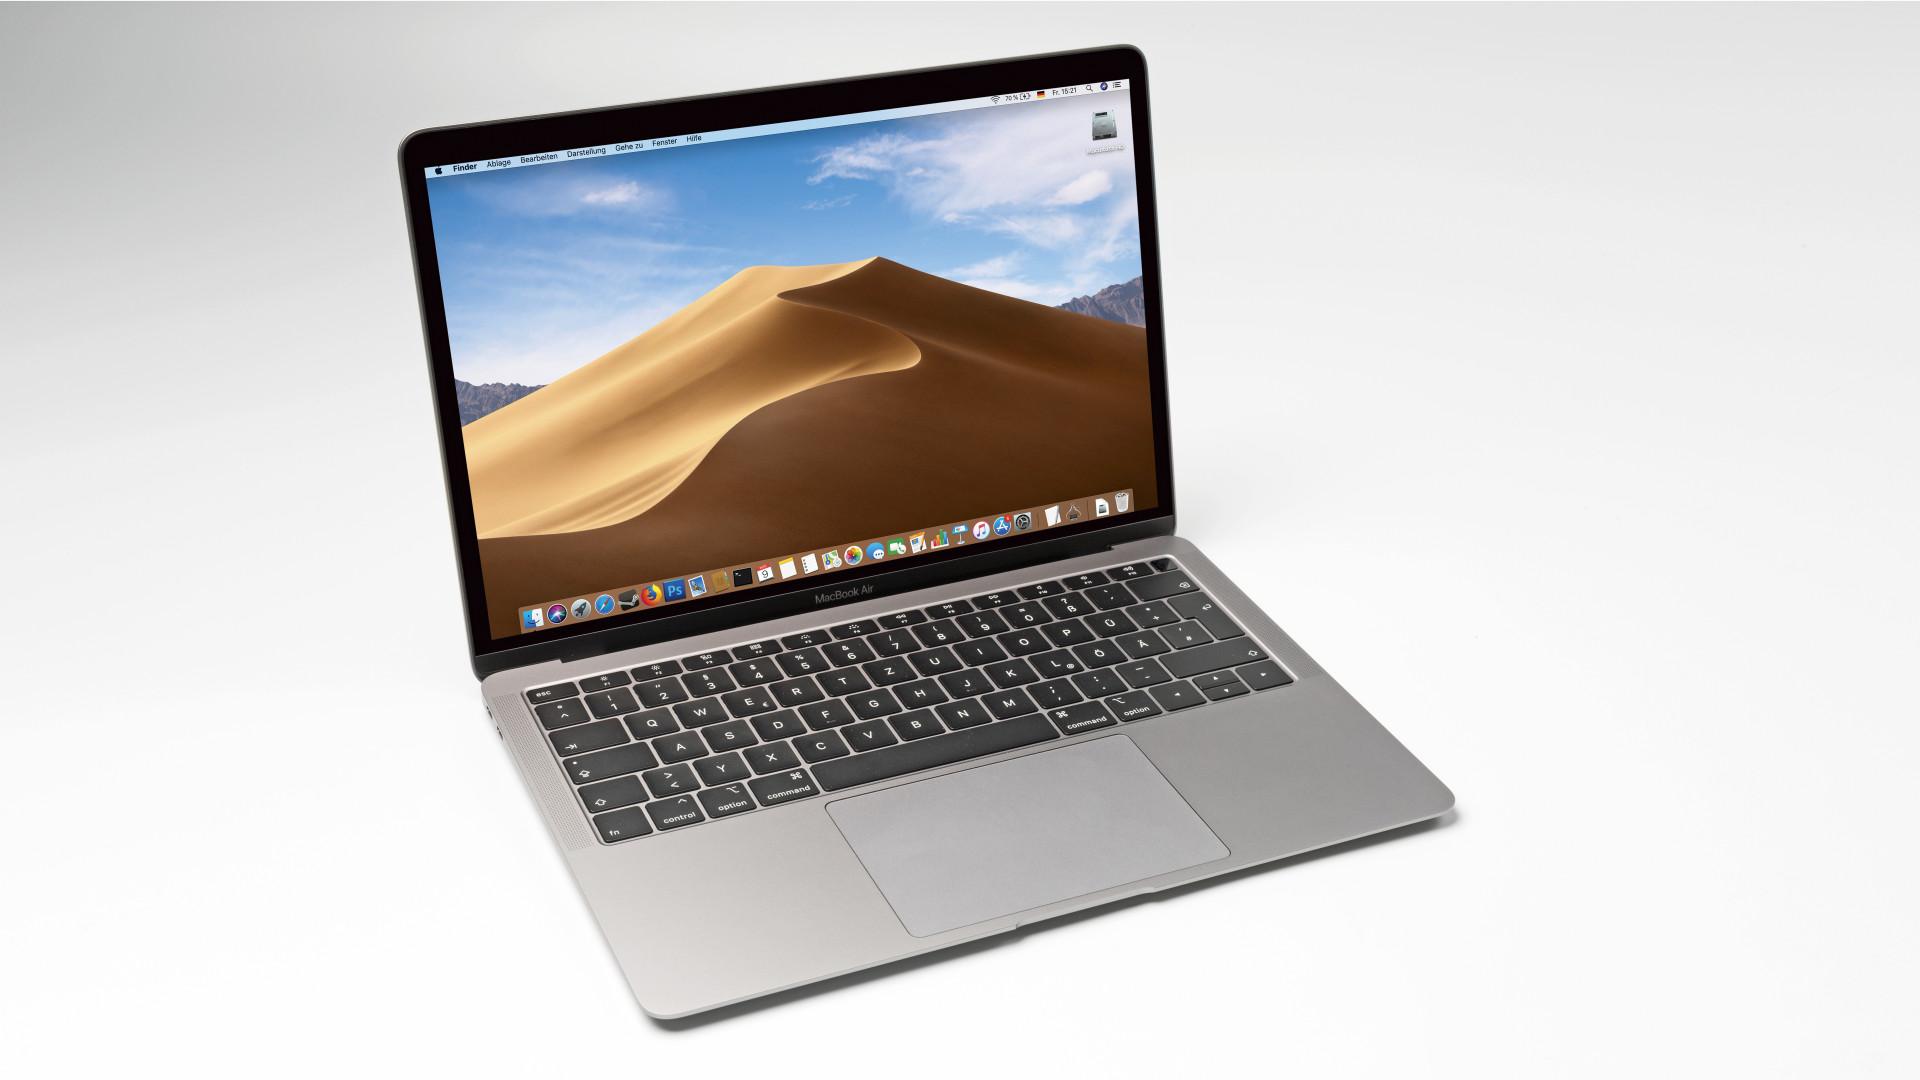 MacBook Air con pantalla Retina: Los 10 resultados de las pruebas más importantes